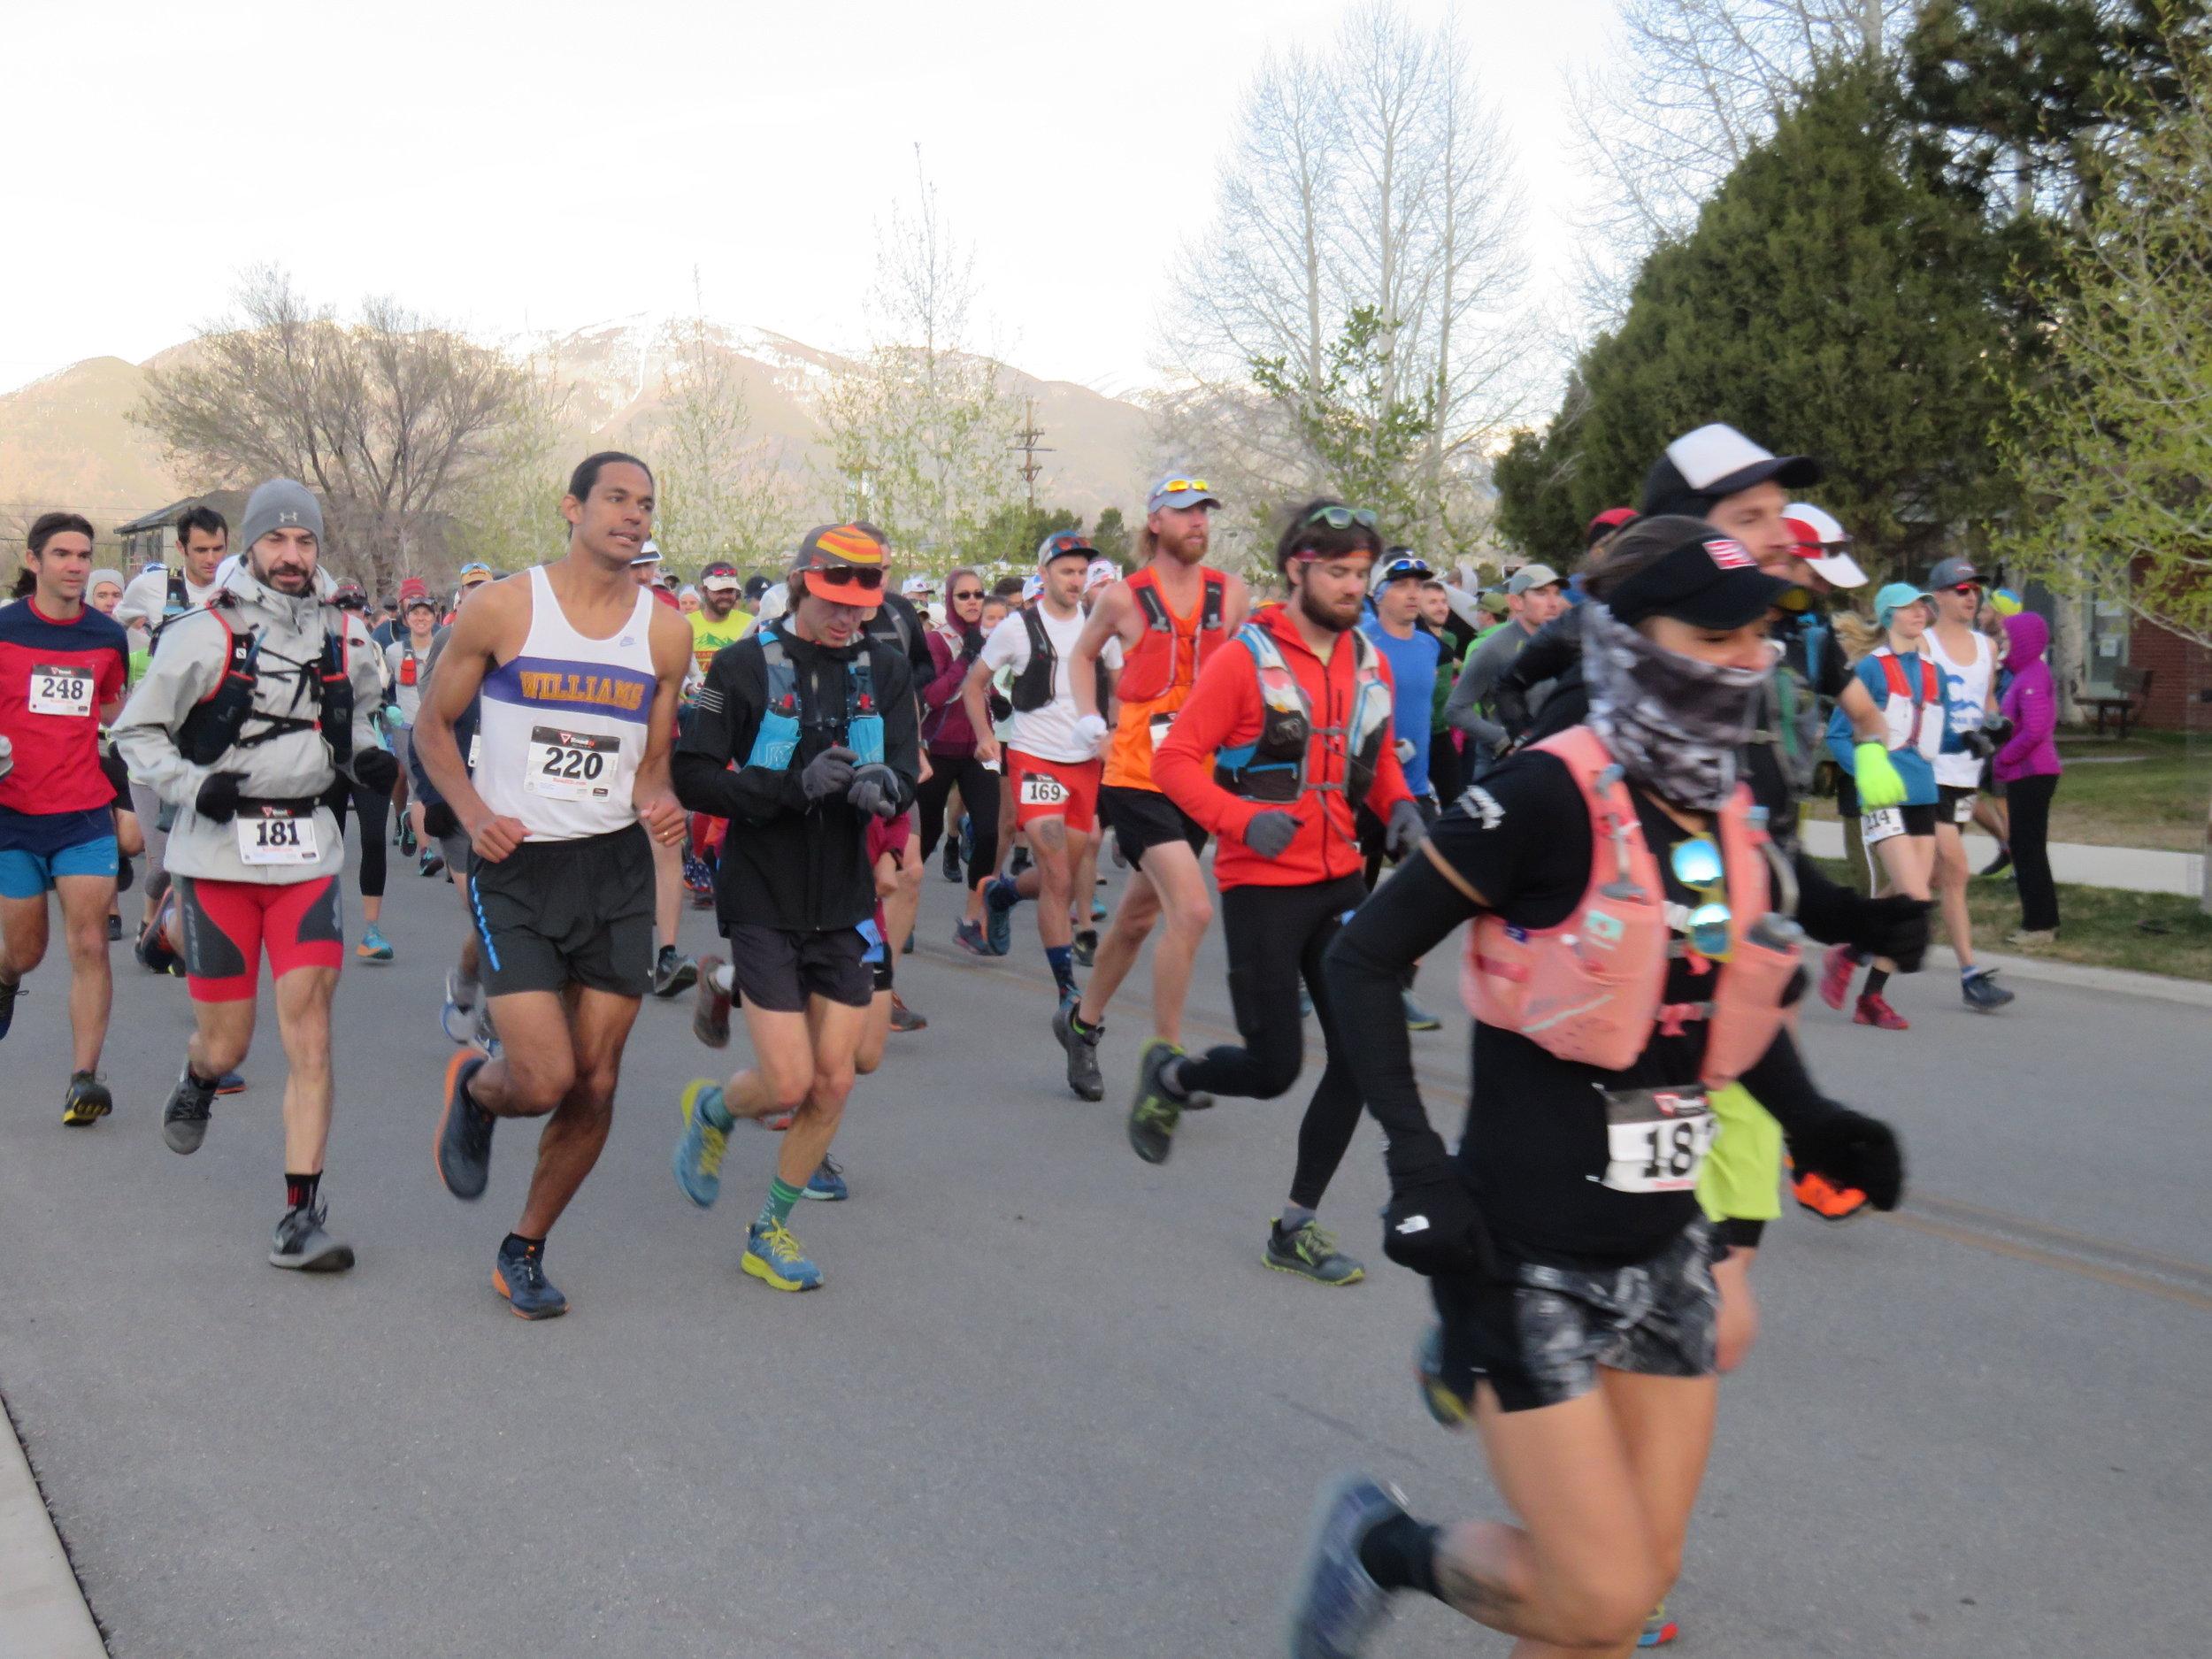 2019-CPTR-Race Start - 6.jpg